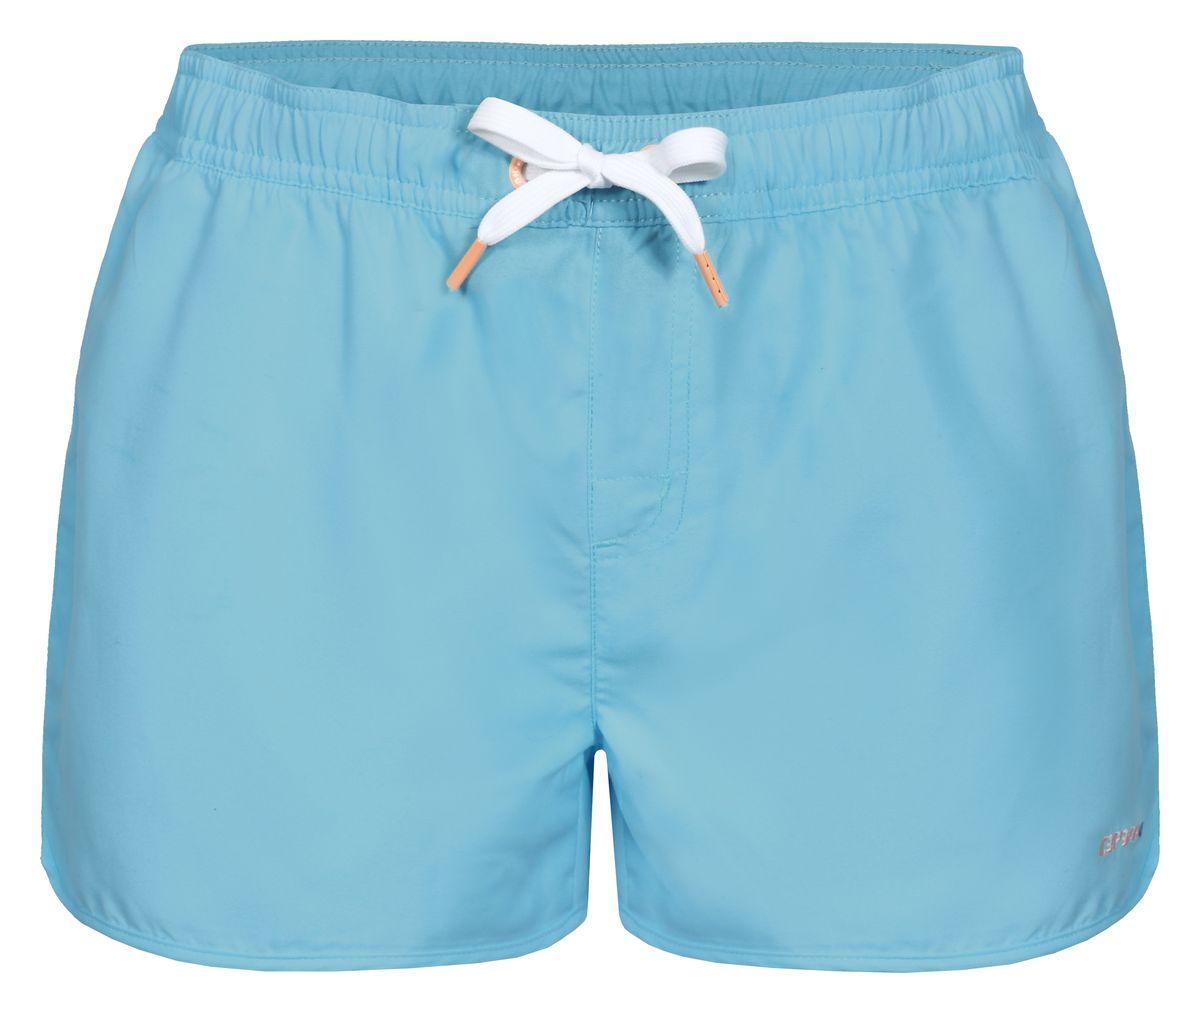 Шорты для плавания женские Icepeak Kristin, цвет: голубой. 754524513IV. Размер 38 (44)754524513IVПляжные шорты для плавания Kristin от Icepeak выполнены из мягкого и технологичного материала. Модель дополнена эластичным поясом со шнурком.